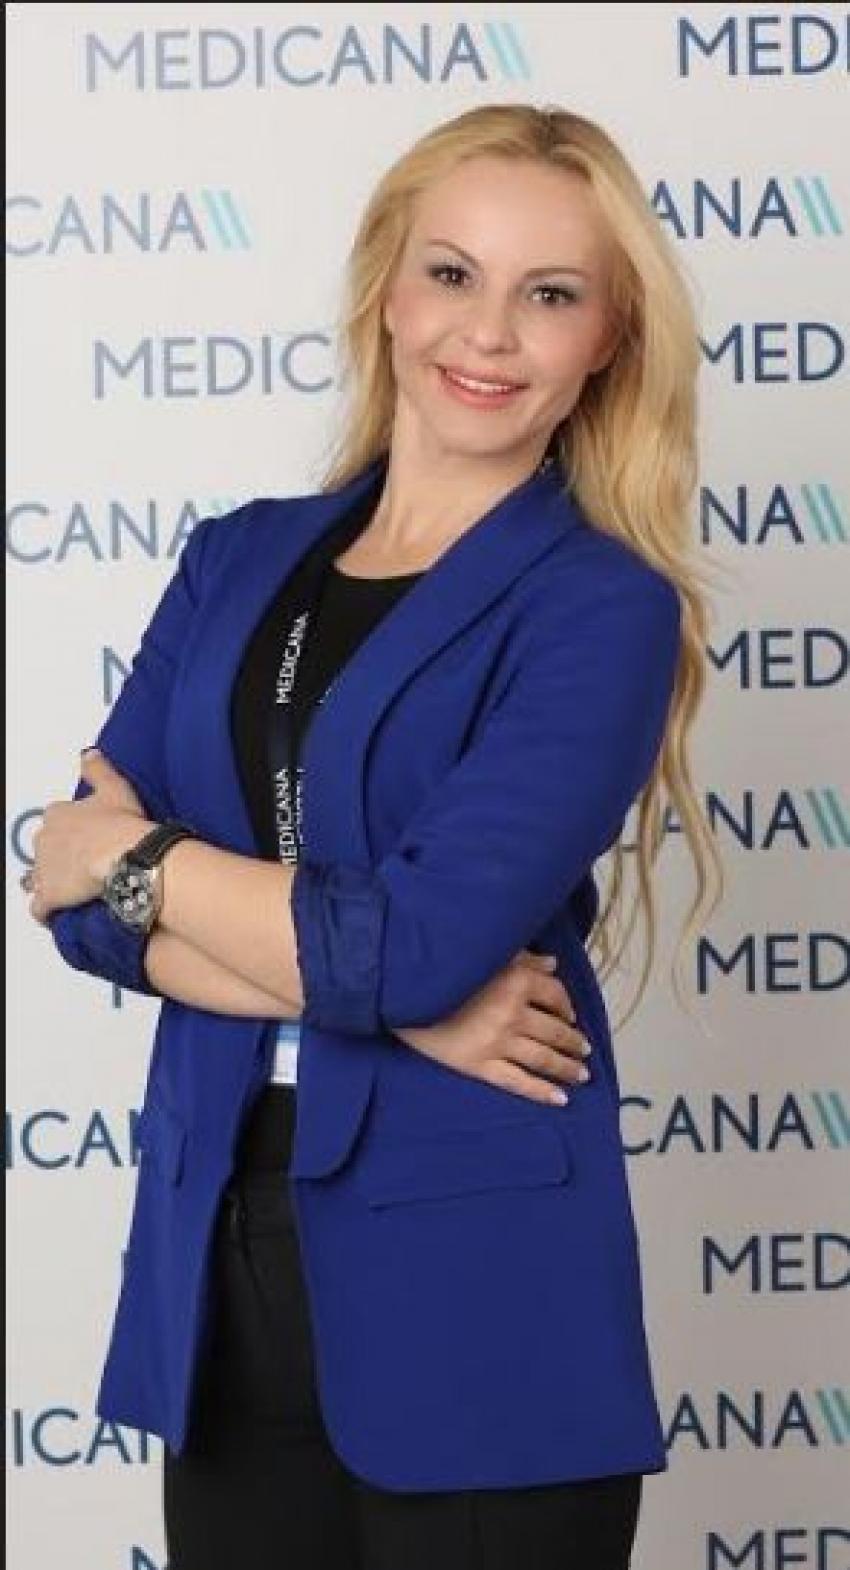 Sağlıklı ve mutlu ailelik için Medicana gebe akademisi